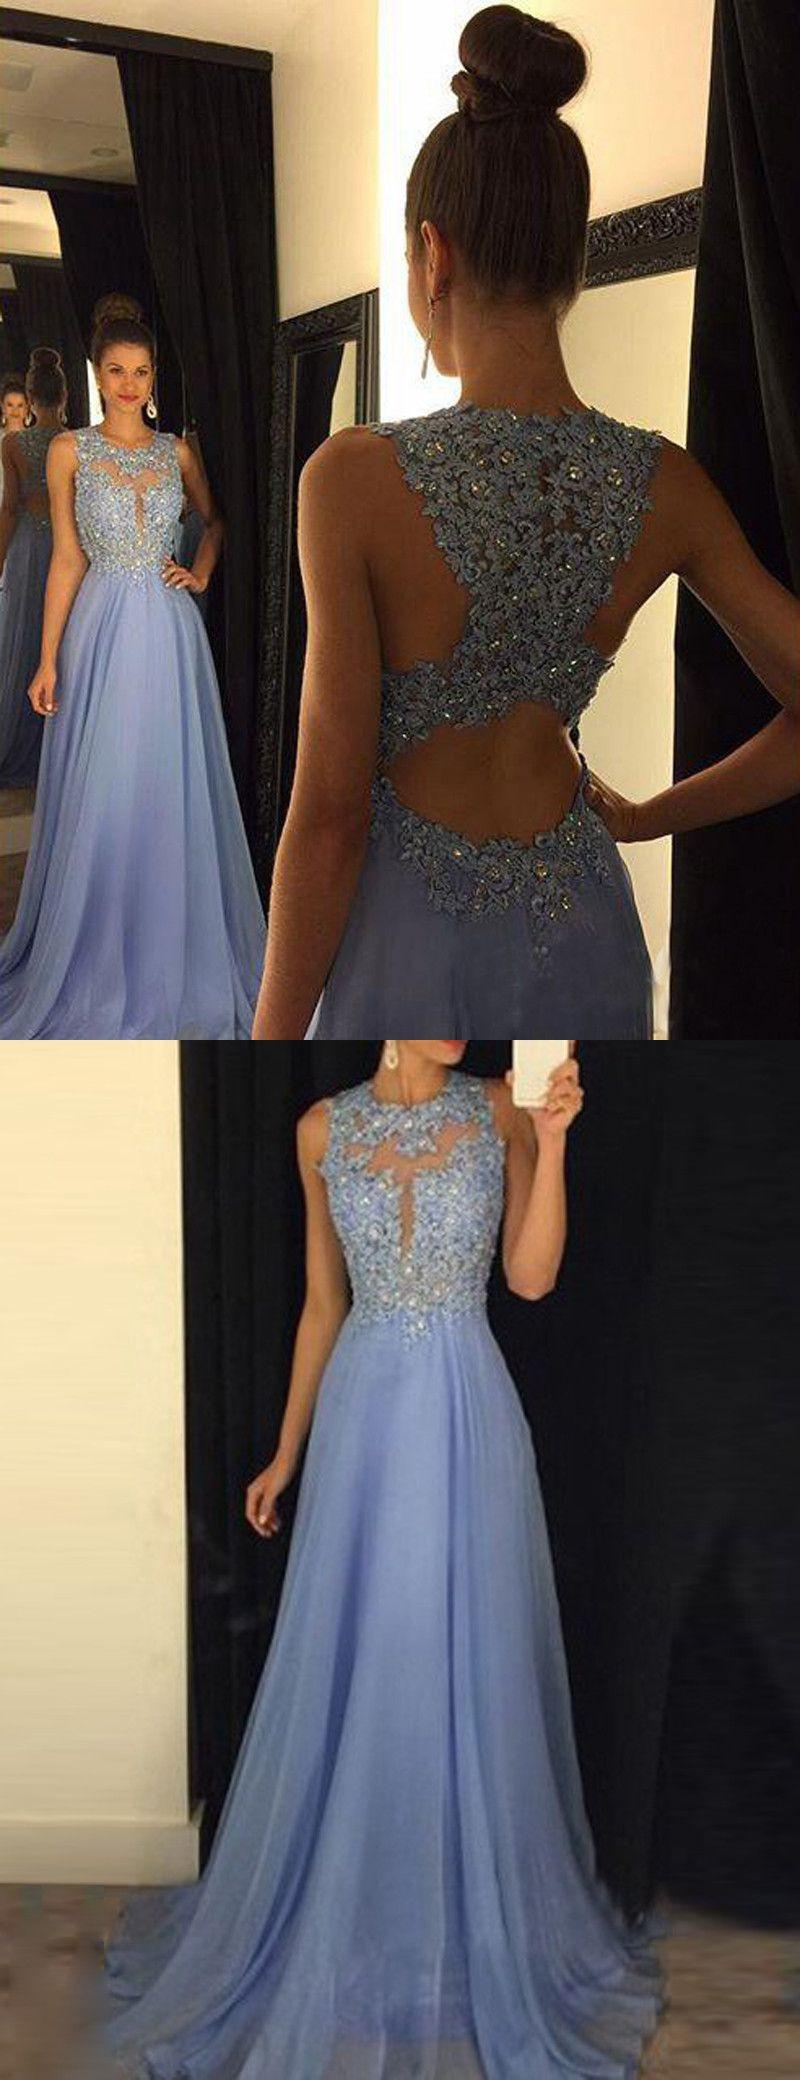 20 Ausgezeichnet Abend Kleid Elegant für 201913 Coolste Abend Kleid Elegant Design